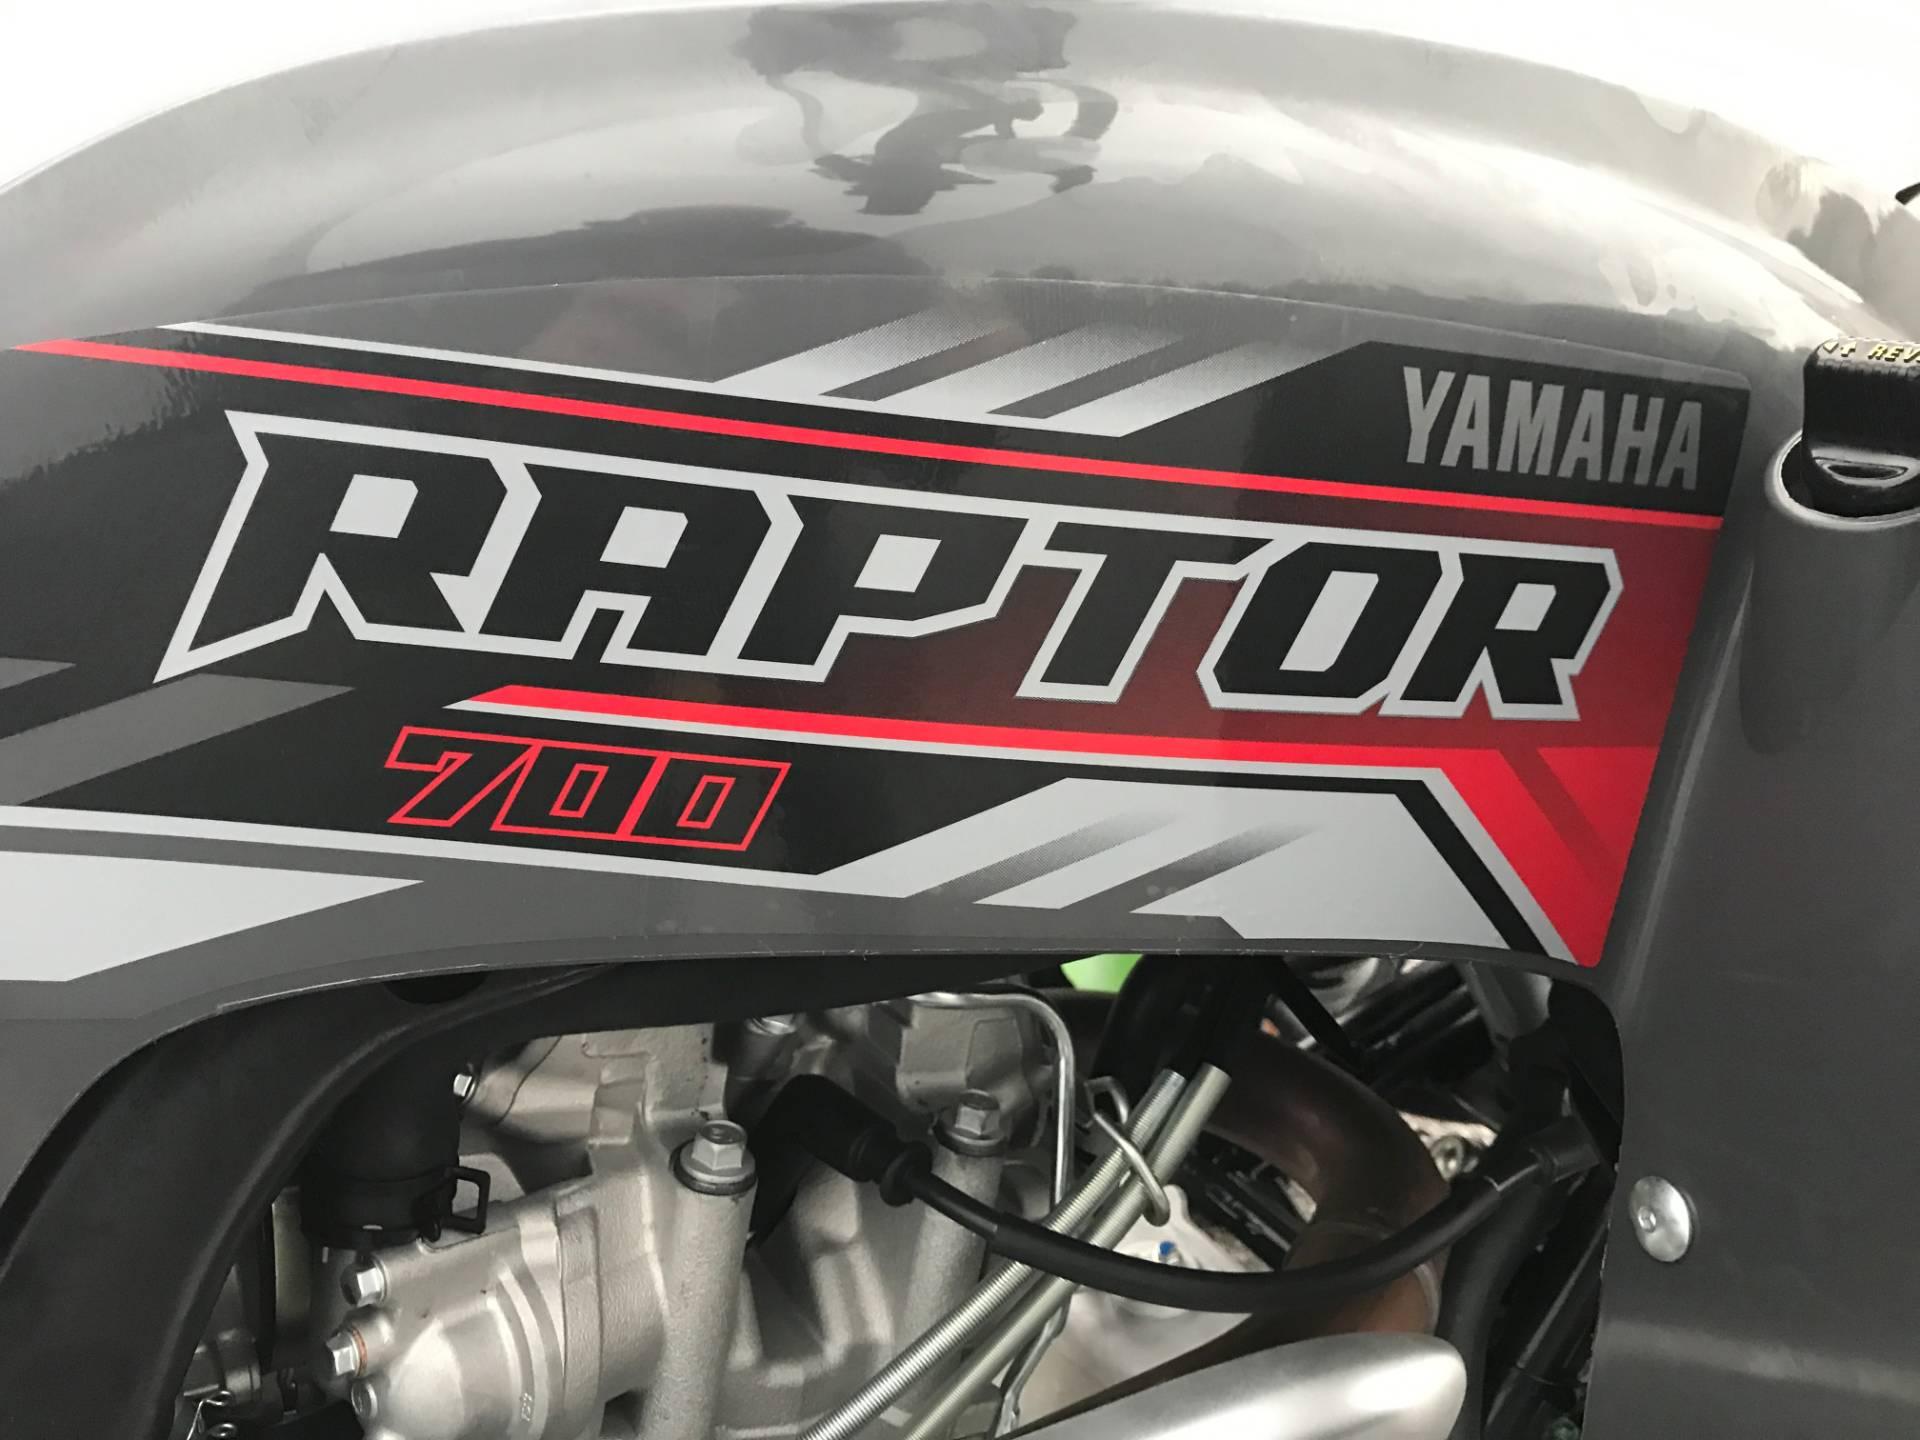 2018 Yamaha Raptor 700 12